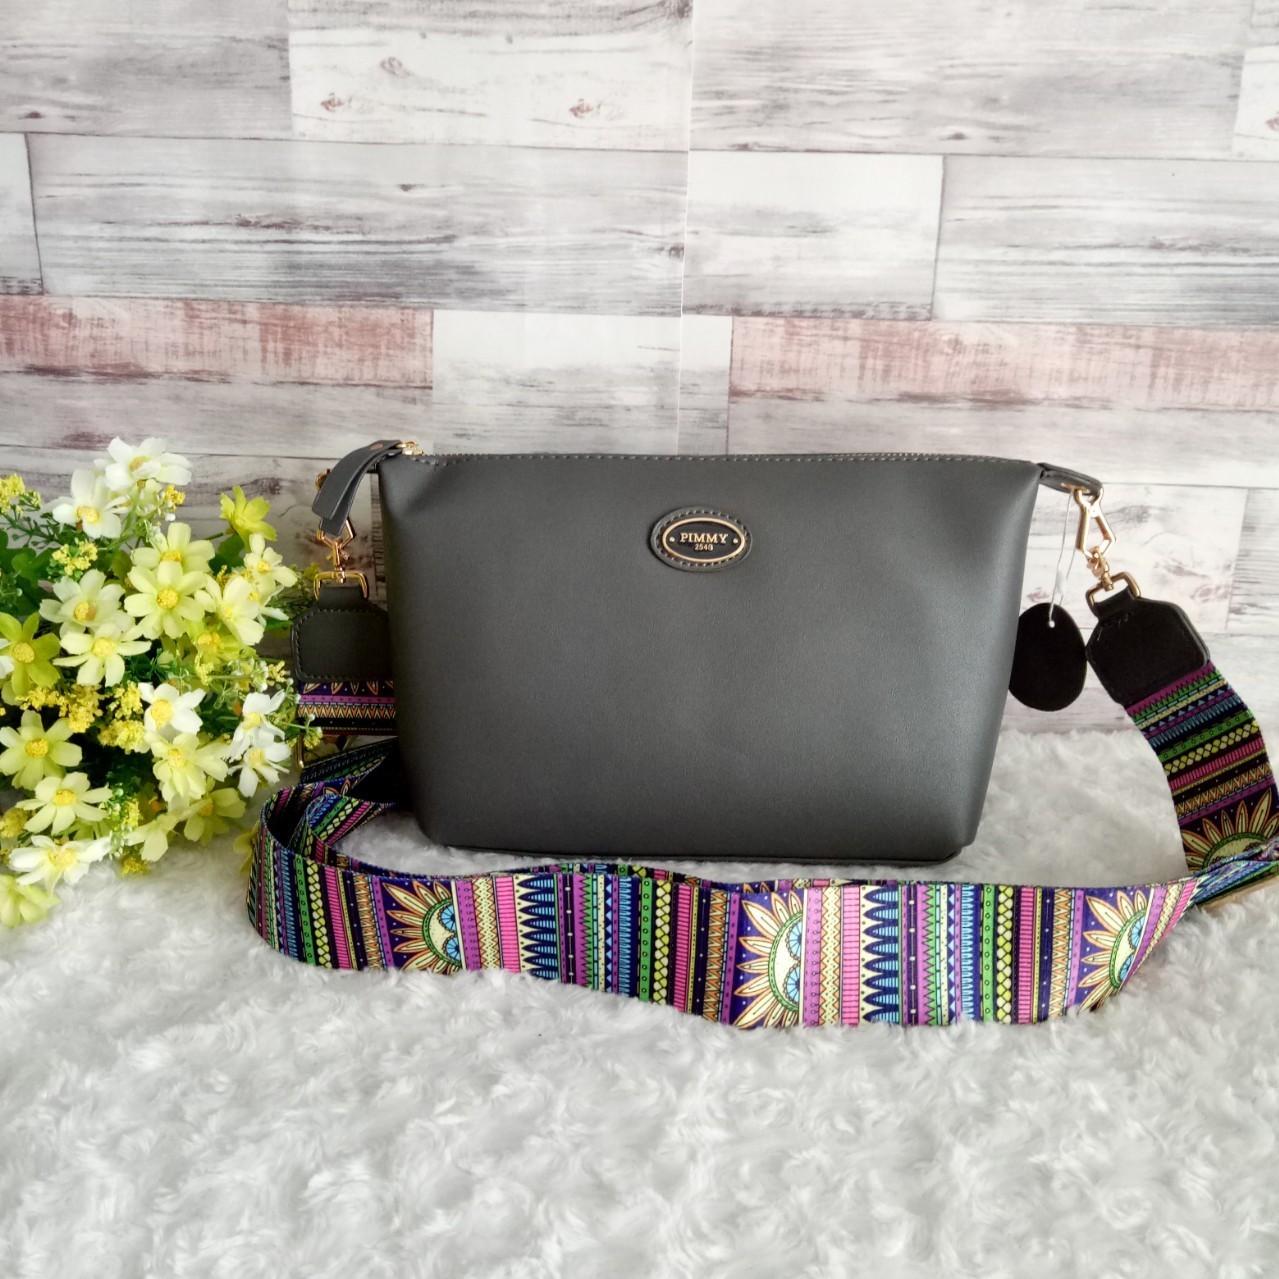 👜👜FS0971-กระเป๋าพิมมี่หนังนิ้ม สายสปอร์ต ขนาด 3.5*9*7 นิ้ว 👜👜 ด้านใน 1 ช่อง ซับในตามสีกระเป๋า มีช่องใส่ของด้านใน จุของได้เยอะ ใส่กระเป๋าสตางค์ใบยาวได้ สายสปอร์ตสายเก๋ๆ ปรับระดับได้